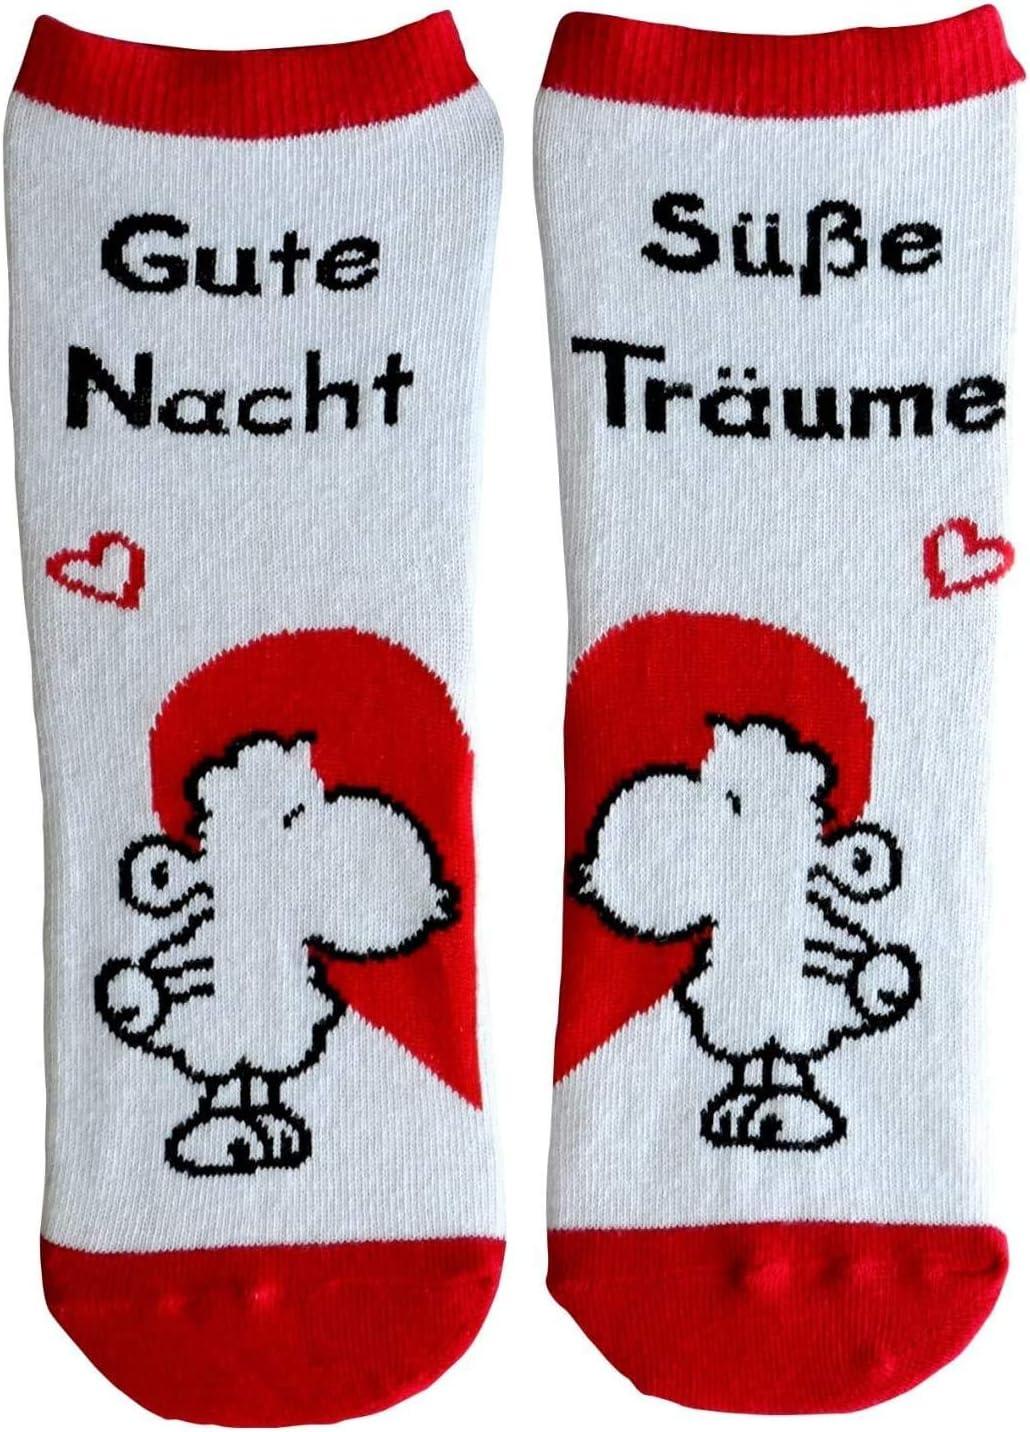 Die Geschenkewelt Happy Life 45592 Zauber-Socken Huhu 80/% Baumwolle 15/% Nylon Grau Gr/ö/ße 36-40 Tier-Motiv mit Eule Geschenk-Artikel 5/% Elastan